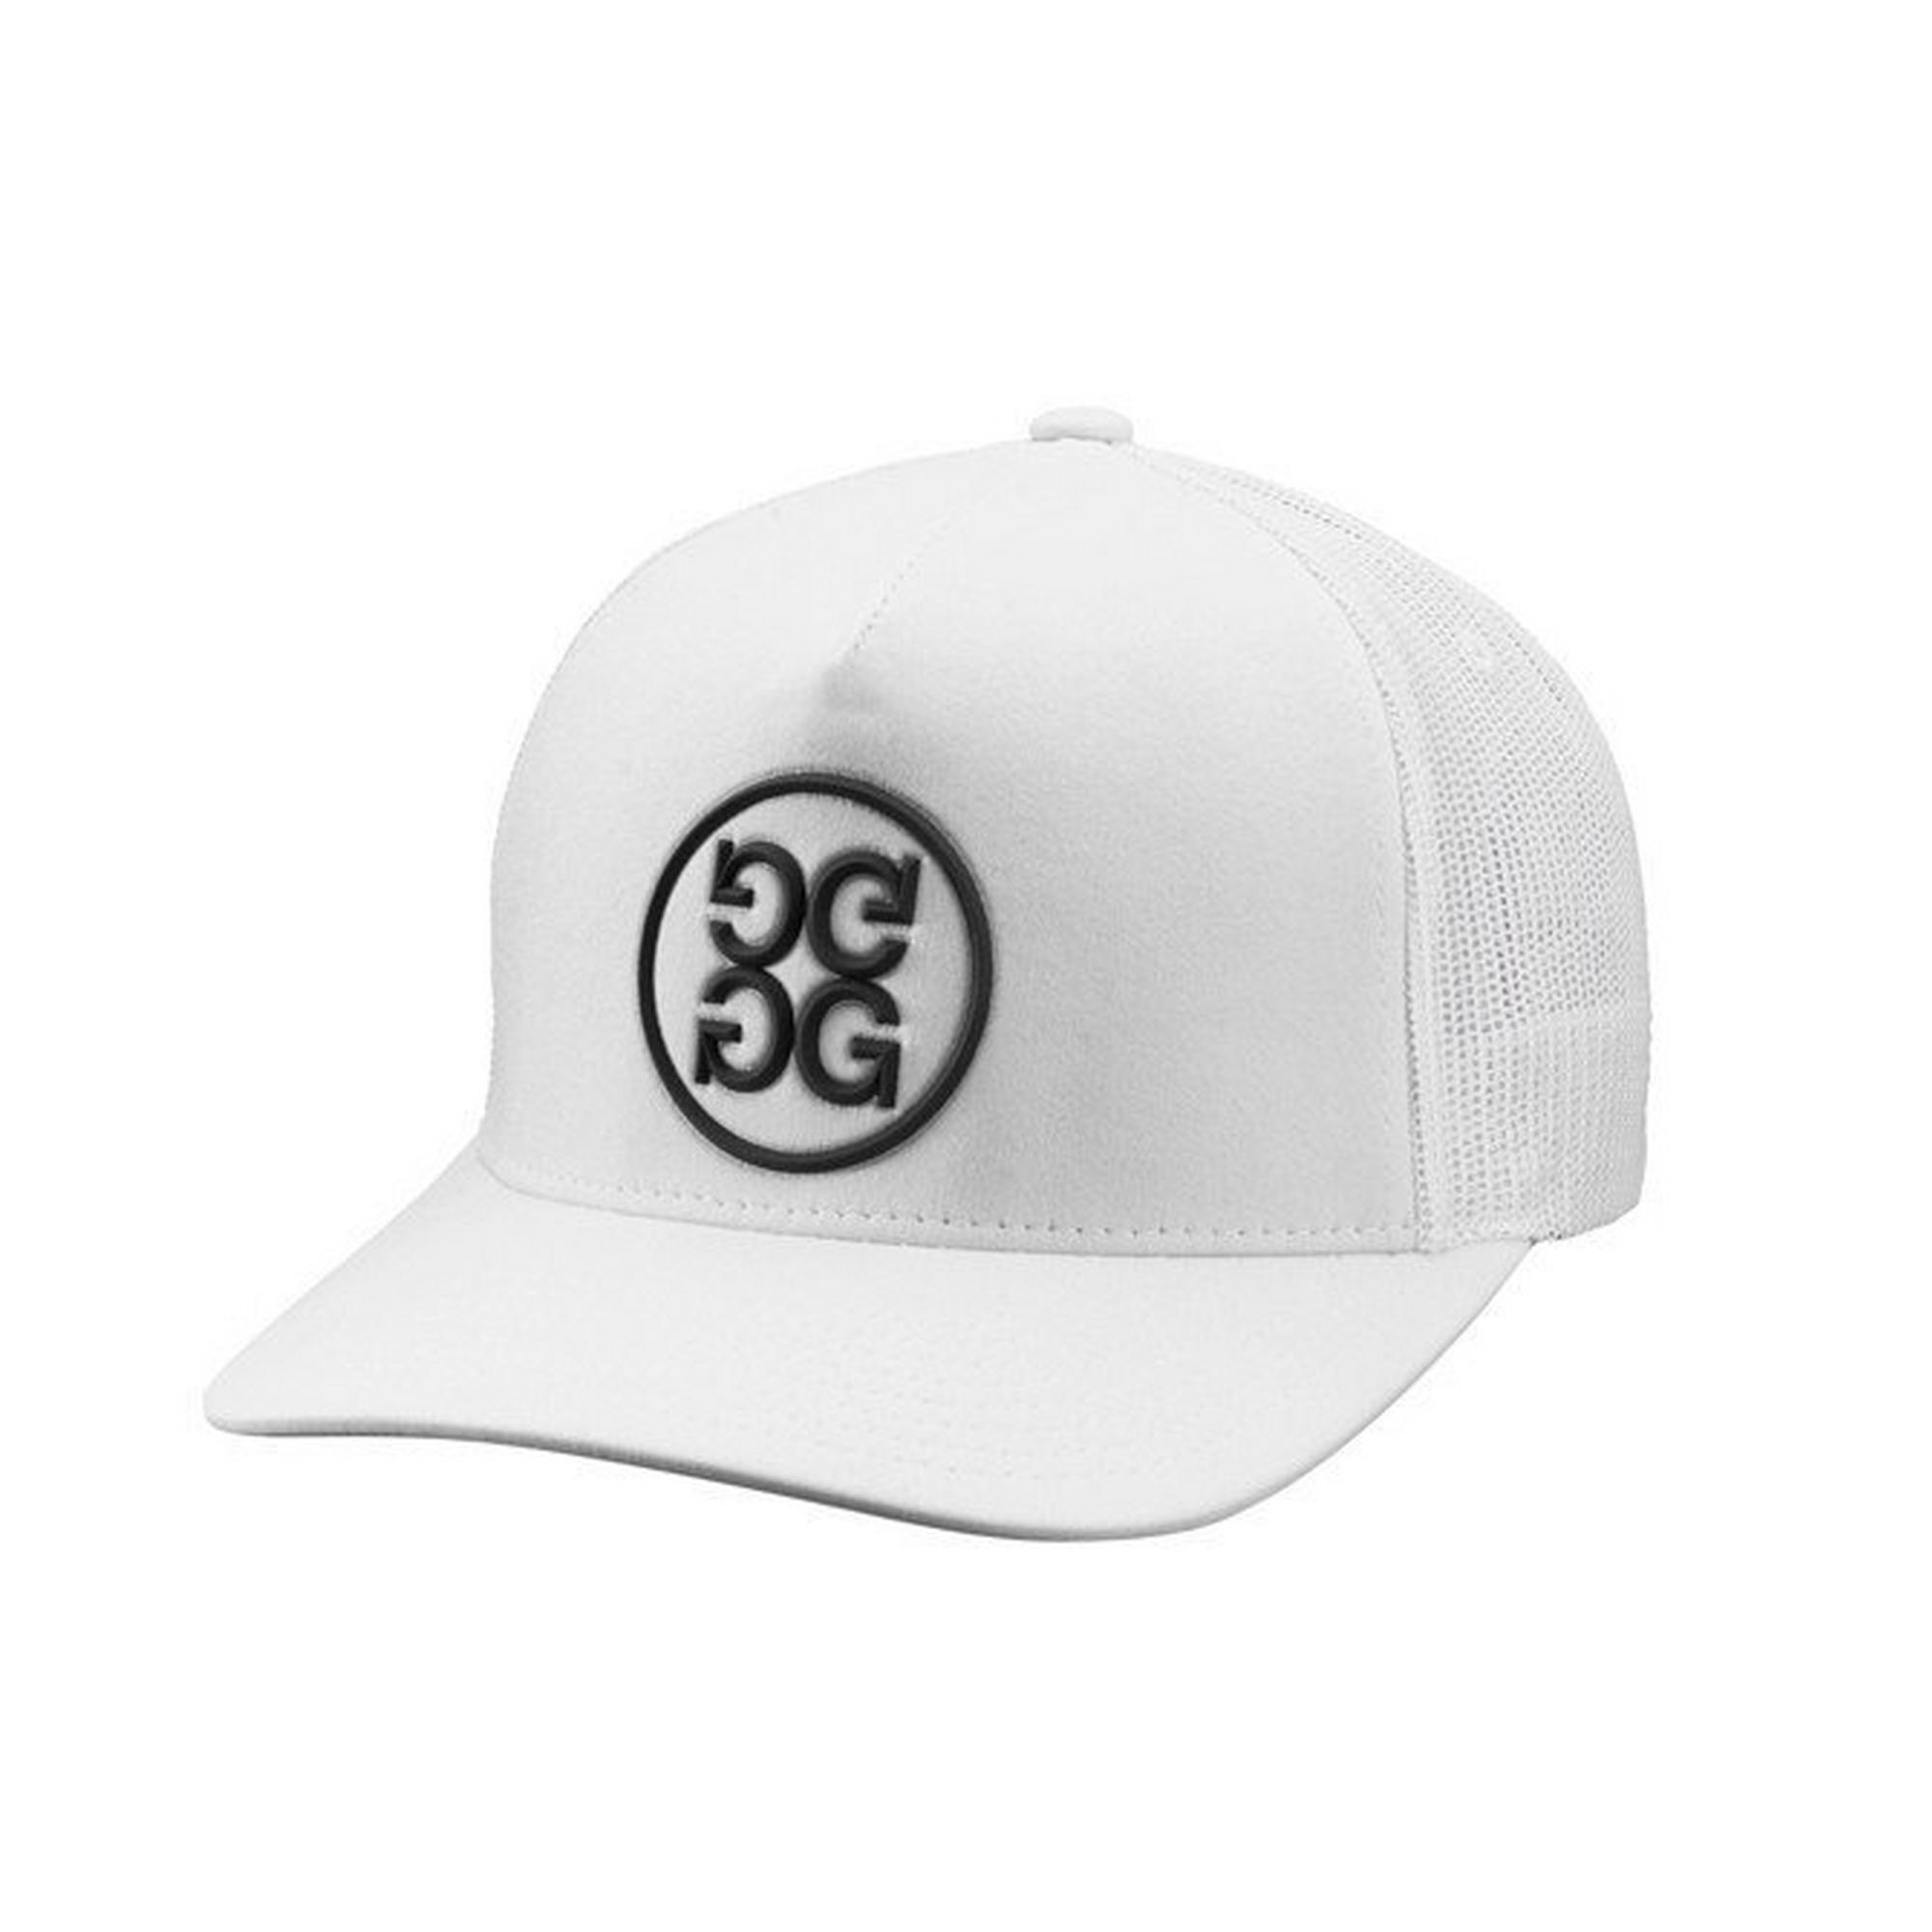 Men's X-Fit Circle G's Trucker Cap